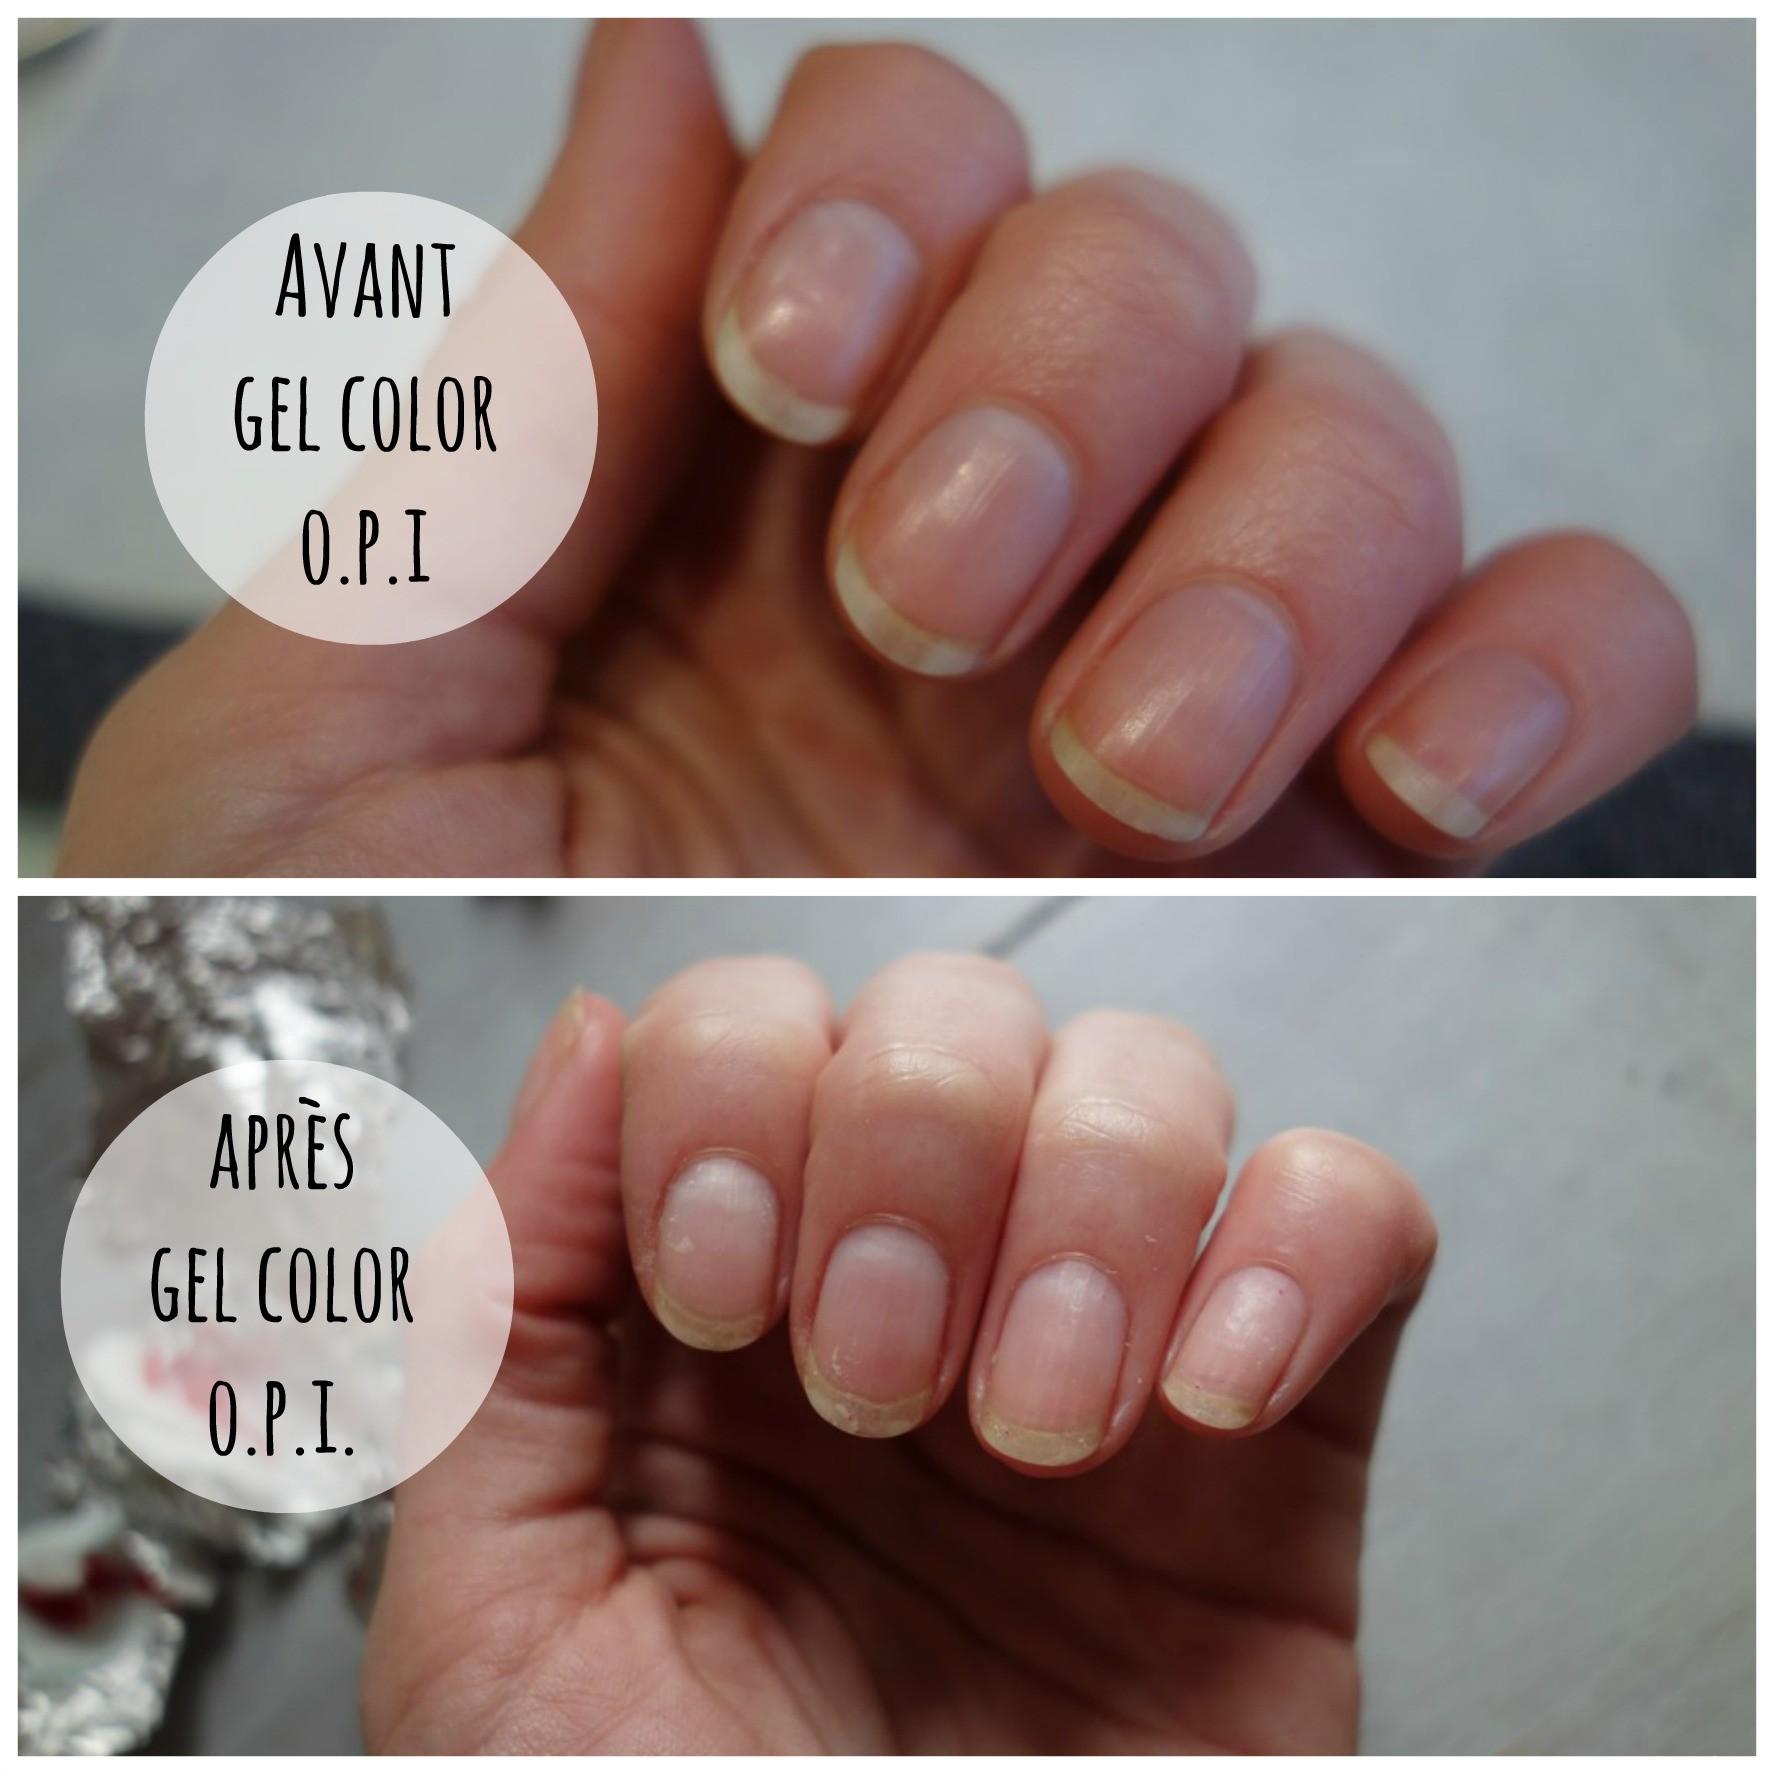 J'ai testé Gel Color, la manucure gel semi-permanente O.P